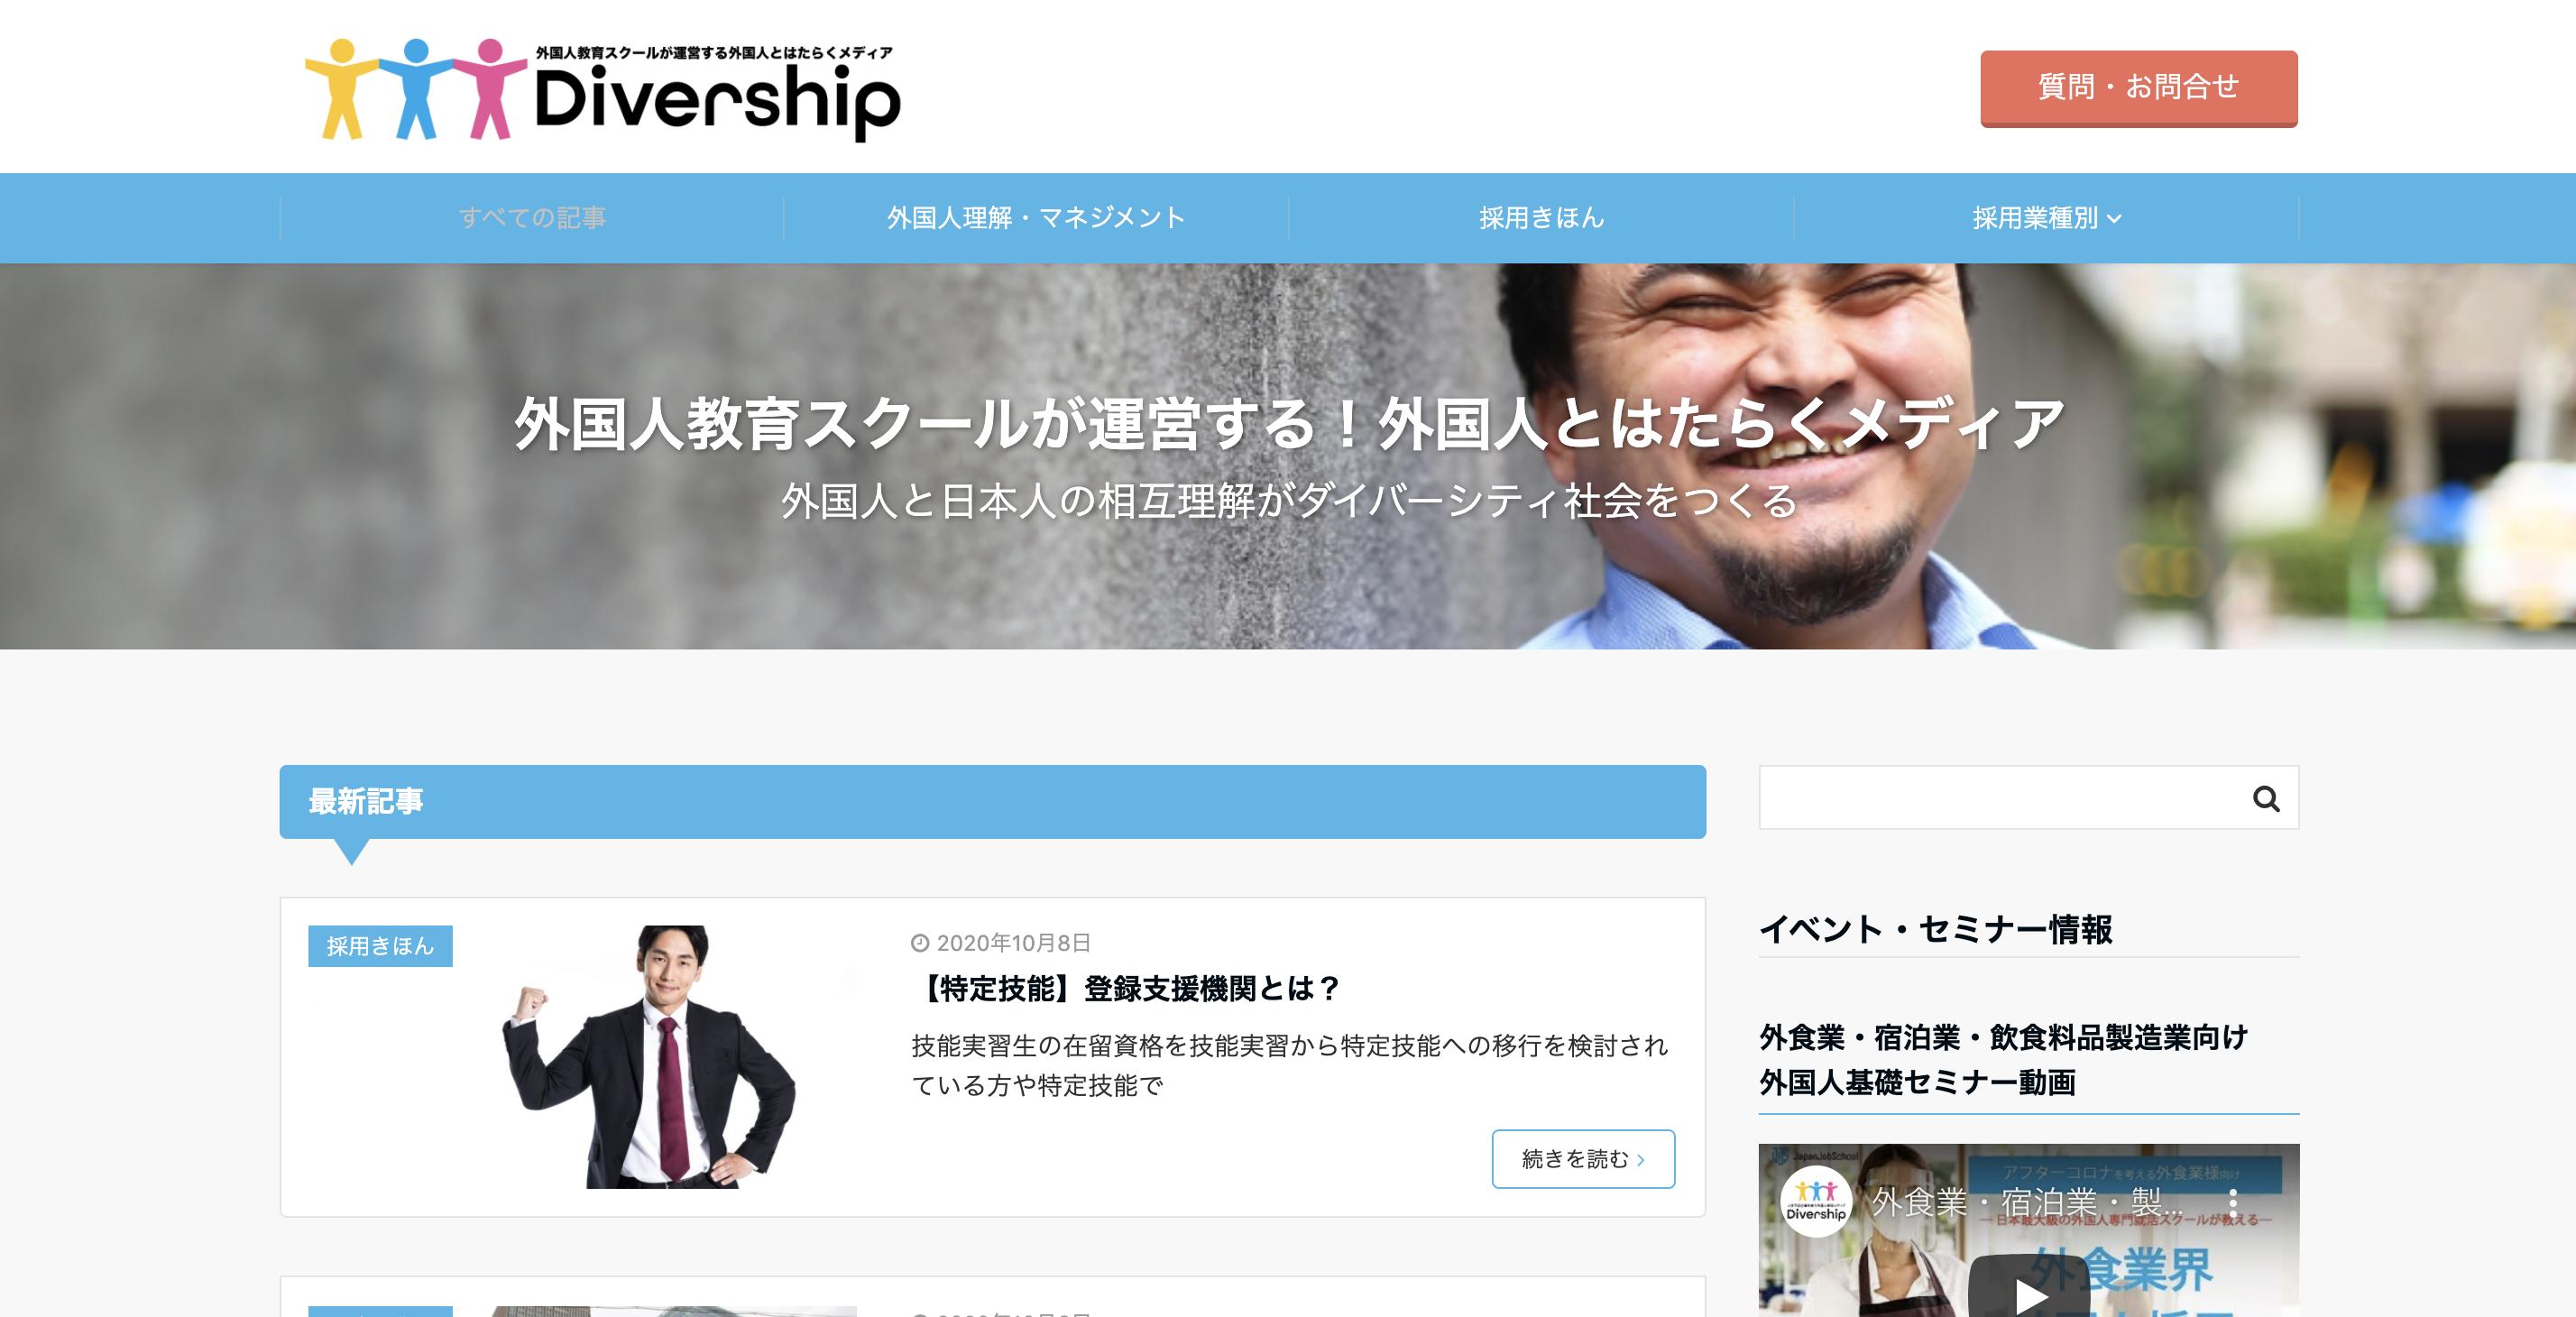 日本企業様向け|外国人を知るメディア